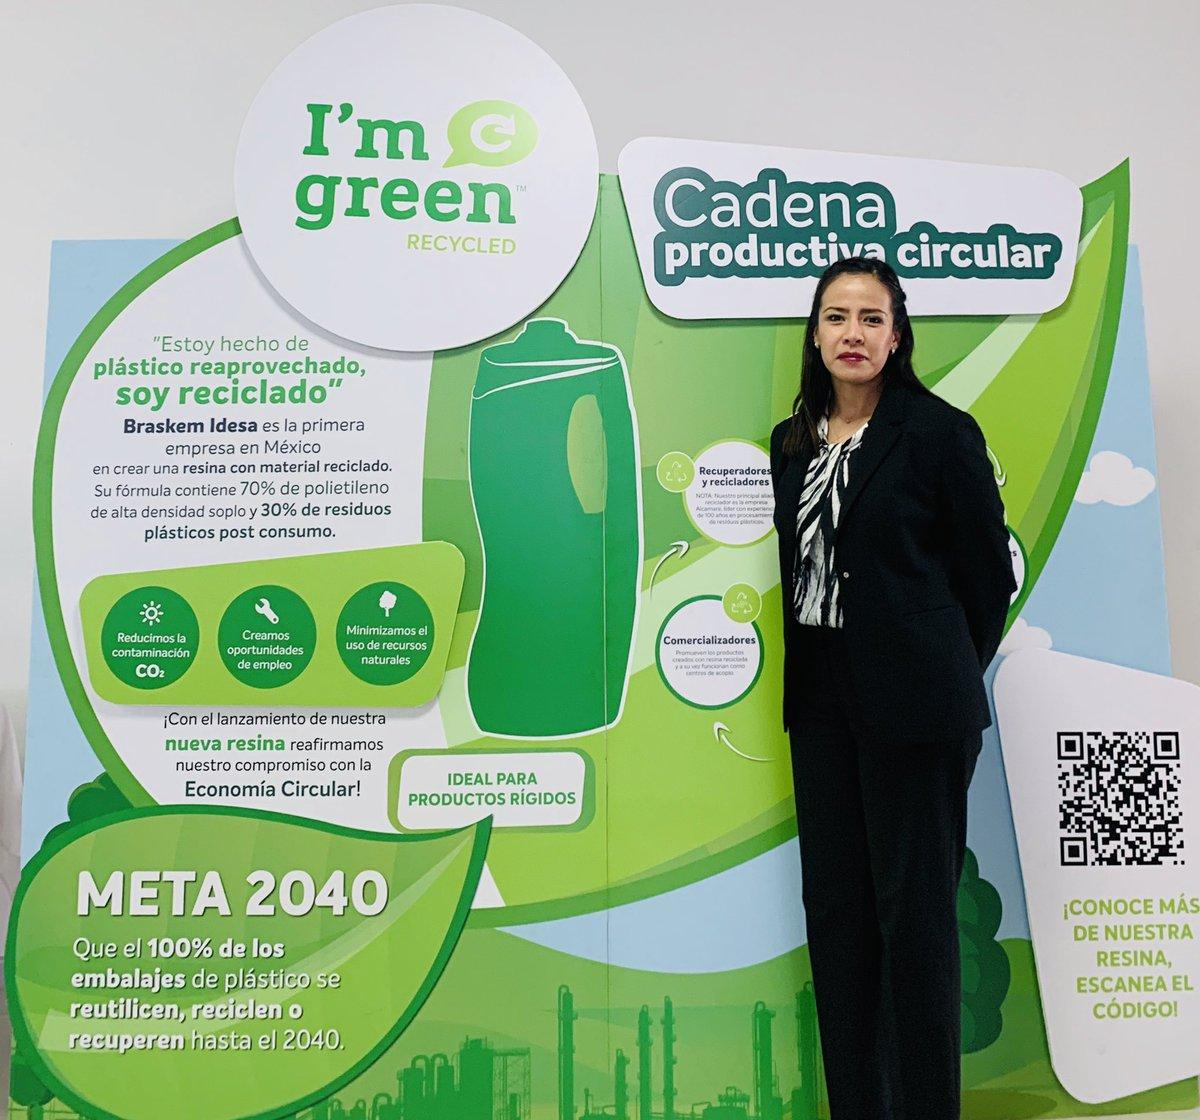 """En 2019 Braskem Idesa lanzó al mercado la primera resina mexicana de polietileno de alta densidad (PEAD) con contenido de Plásticos Reciclados Pos-Consumo """"I'm green Recycled""""."""